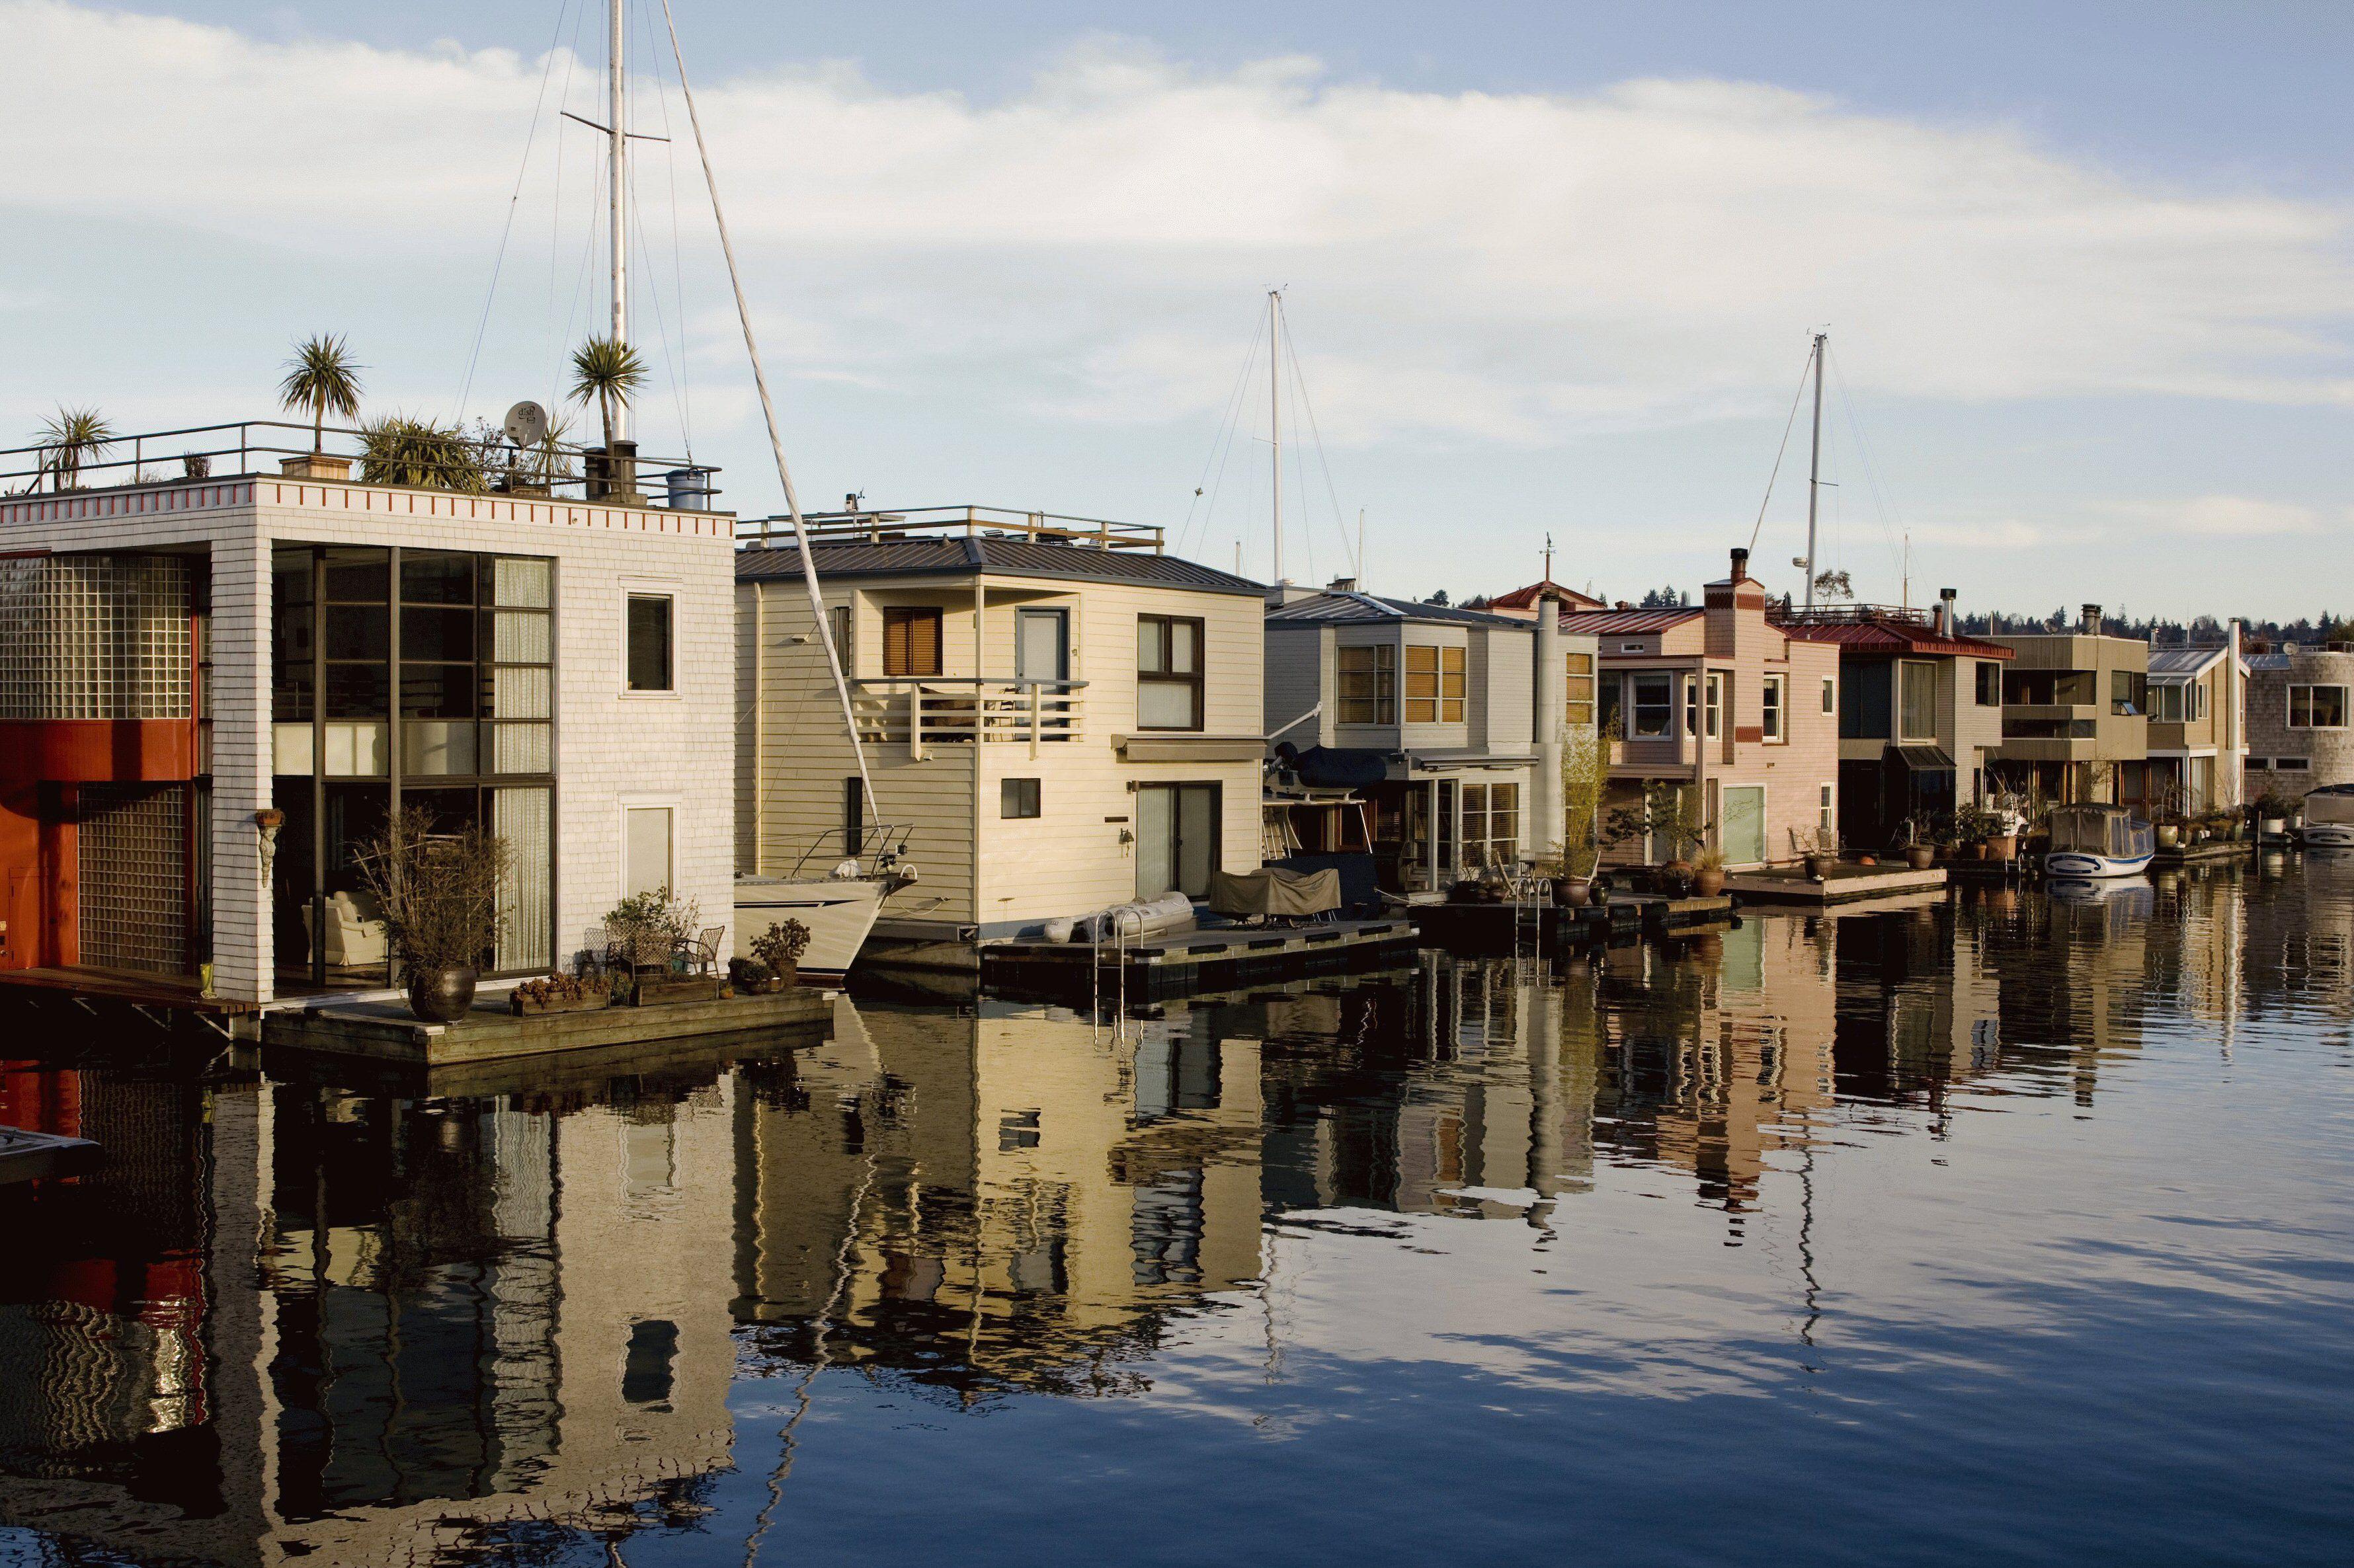 maisons et bateaux le long du rivage de l'eau